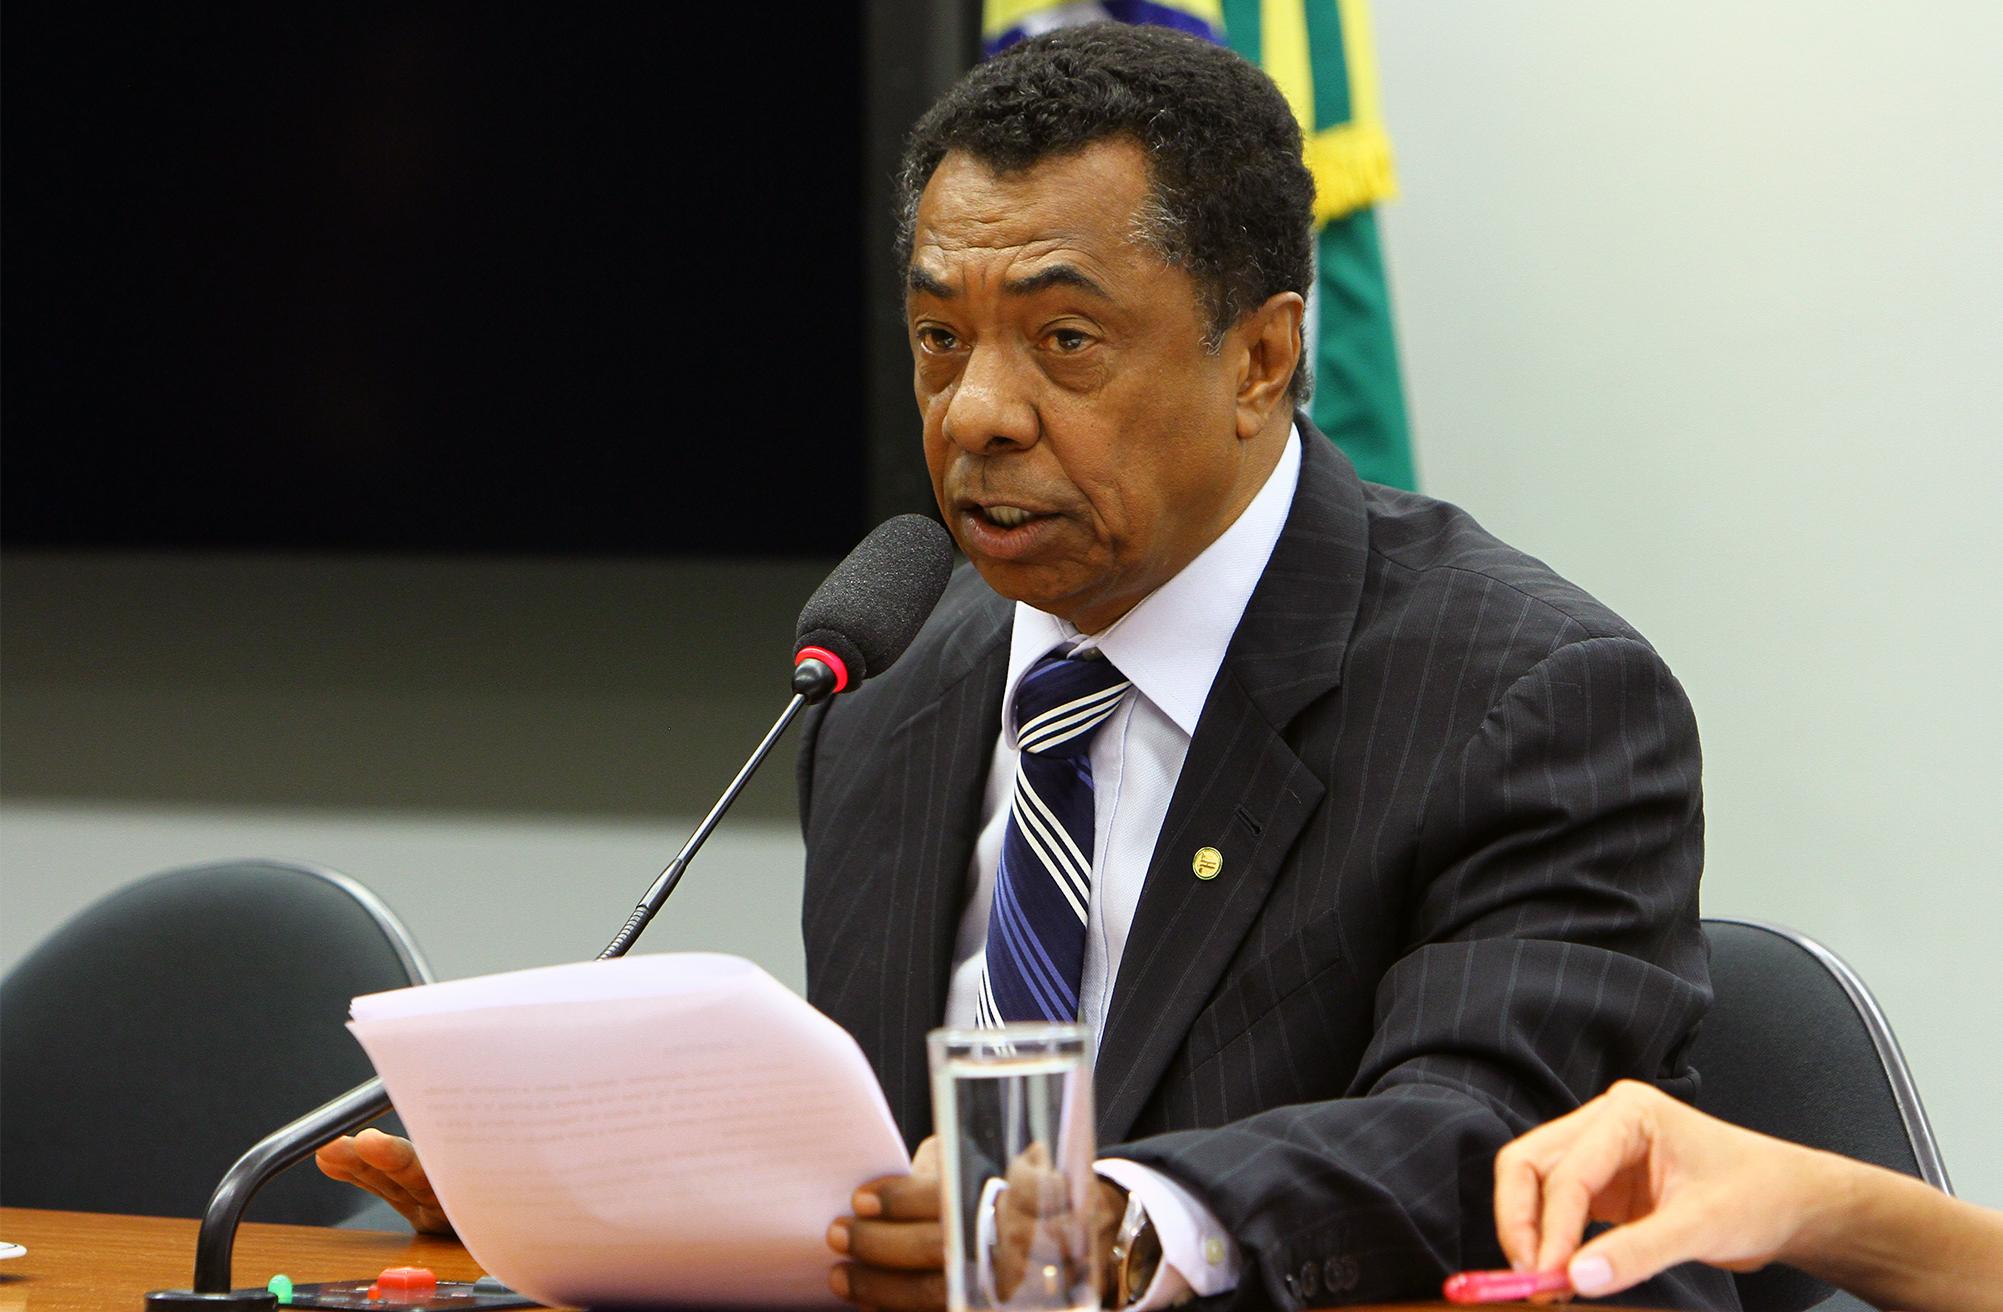 Reunião de instalação da comissão e eleição do novo presidente. Dep. Damião Feliciano (PDT - PB)